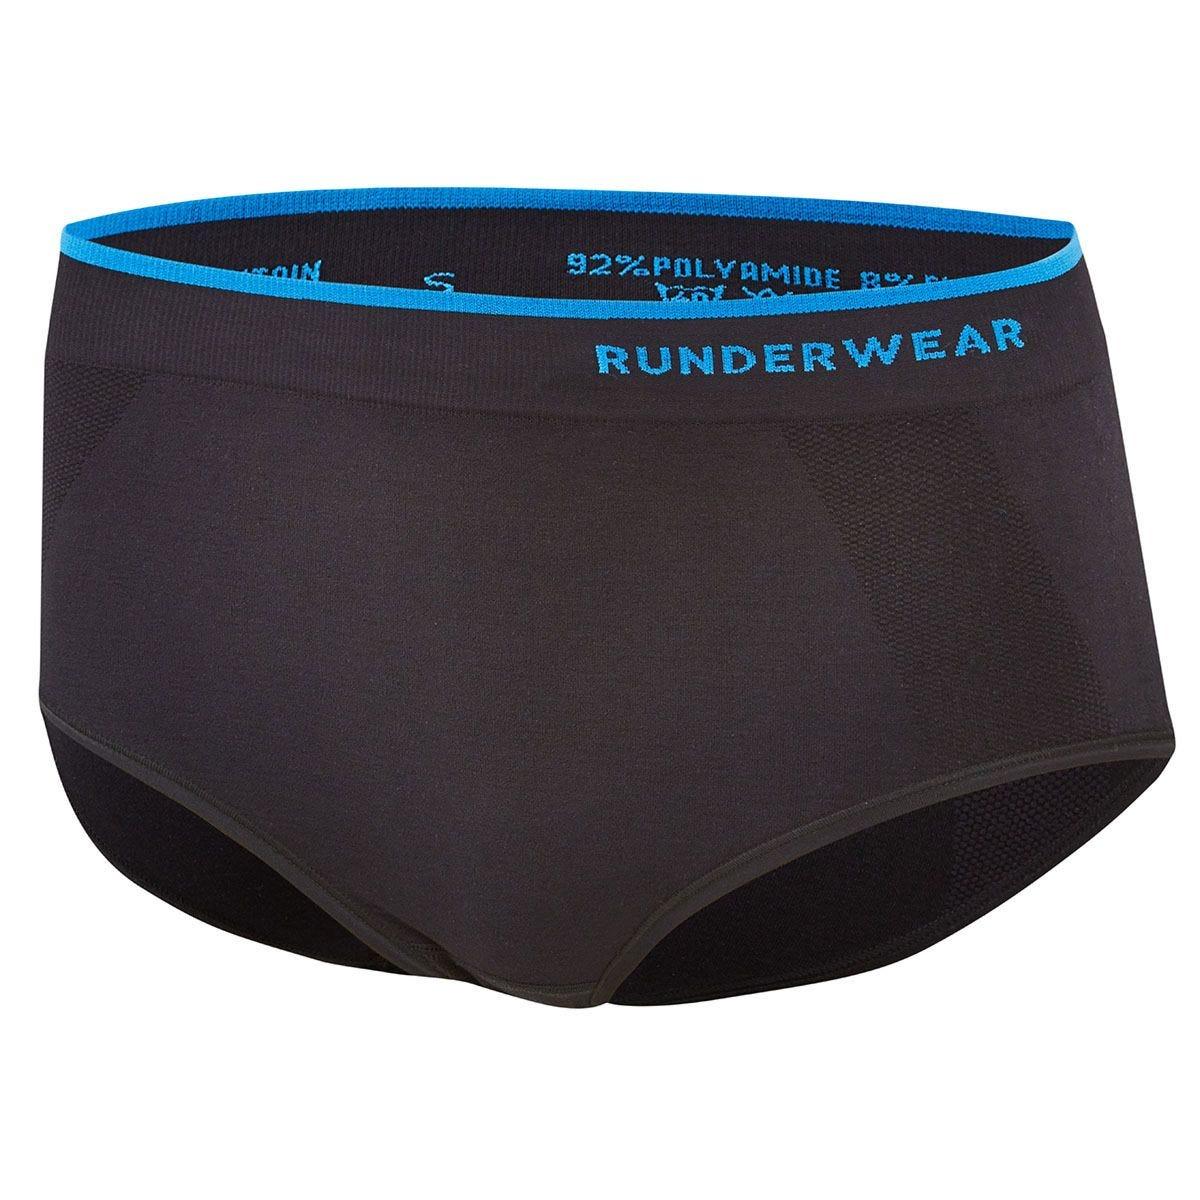 Runderwear Women's Running Briefs Small - Black